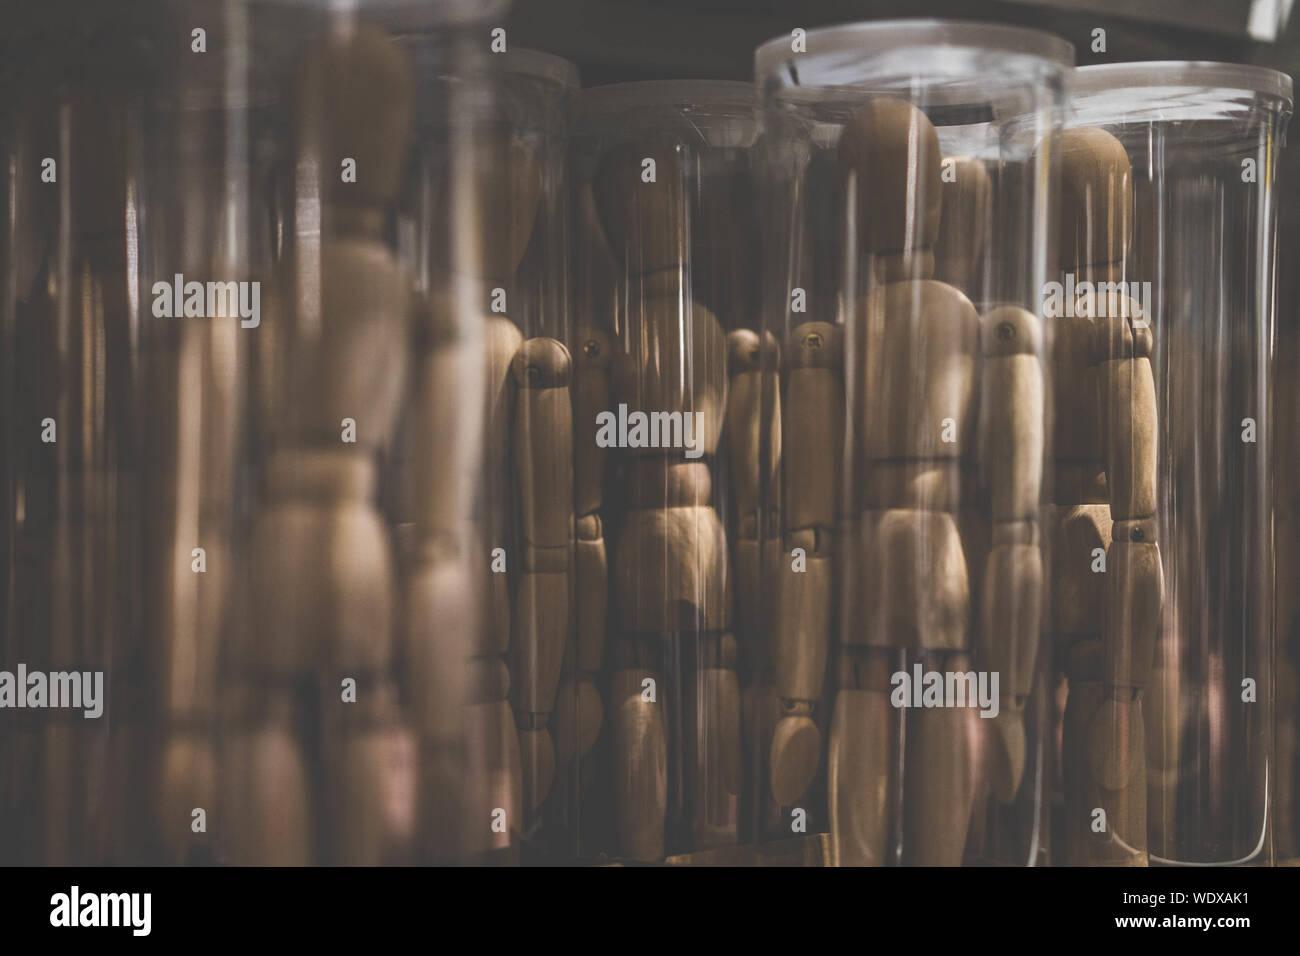 Holzfiguren im Glasbehälter Stockfoto